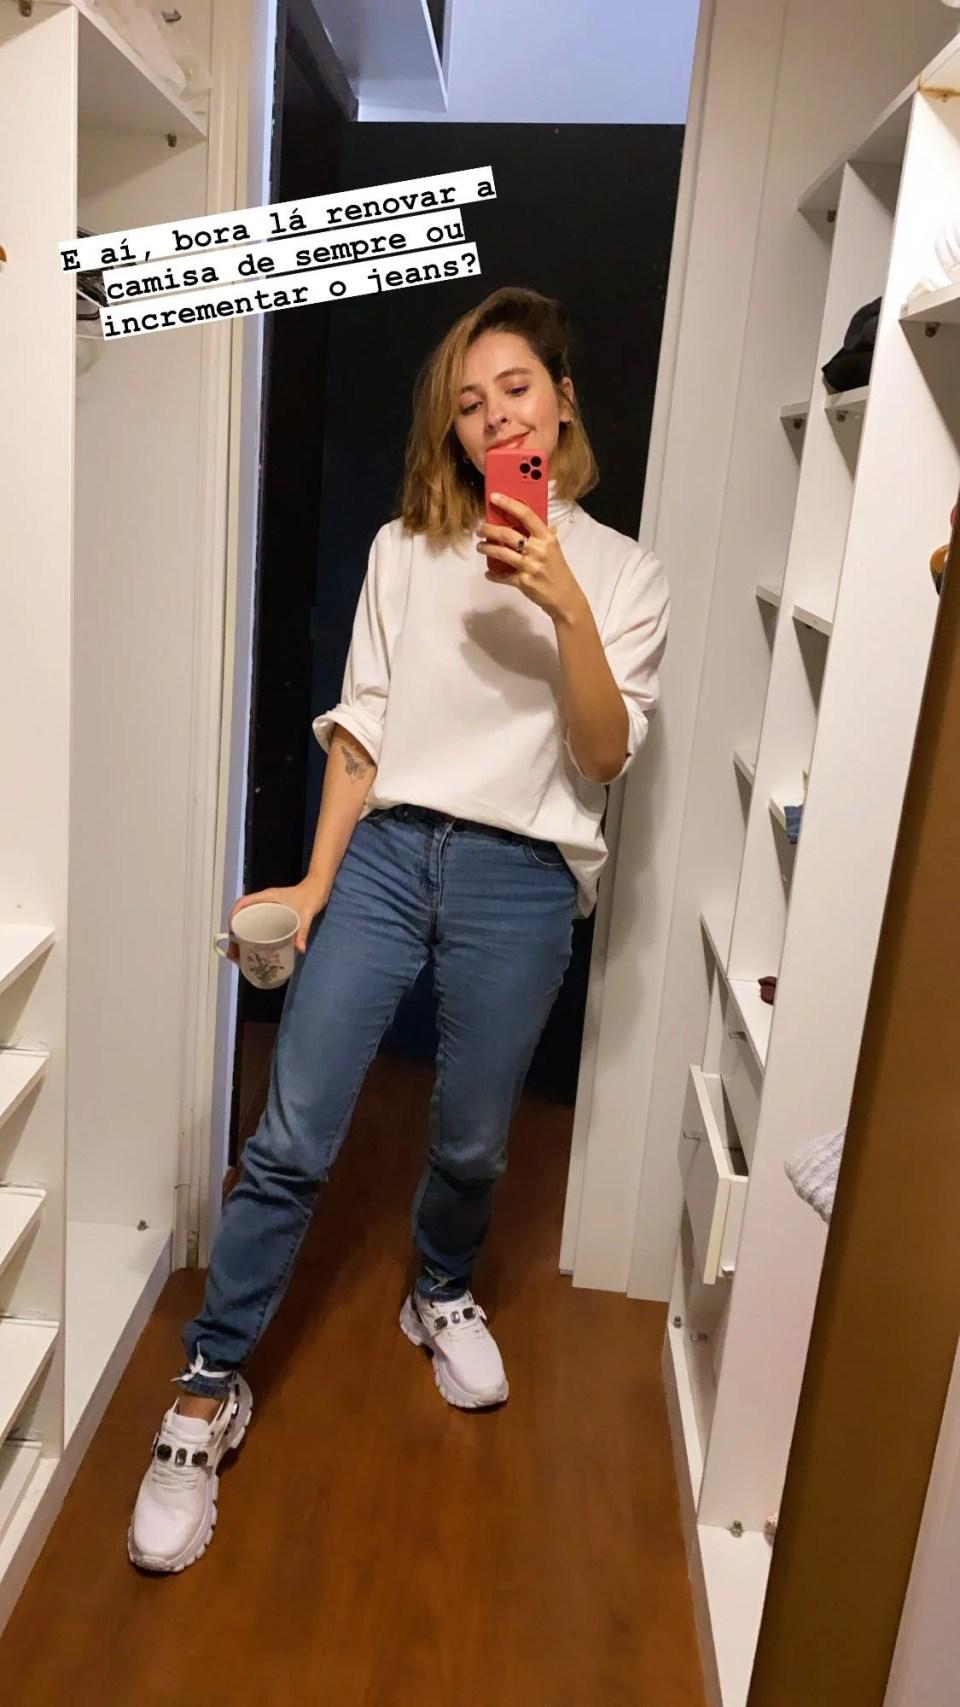 Marcie se fotografa em um espelho com o celular na mão. O look é composto por camisa branca virada, com a parte de trás usada para a frente, como se fosse uma turtle neck, calça jeans e tênis chunky branco com os cadarços amarrados na barra da calça.